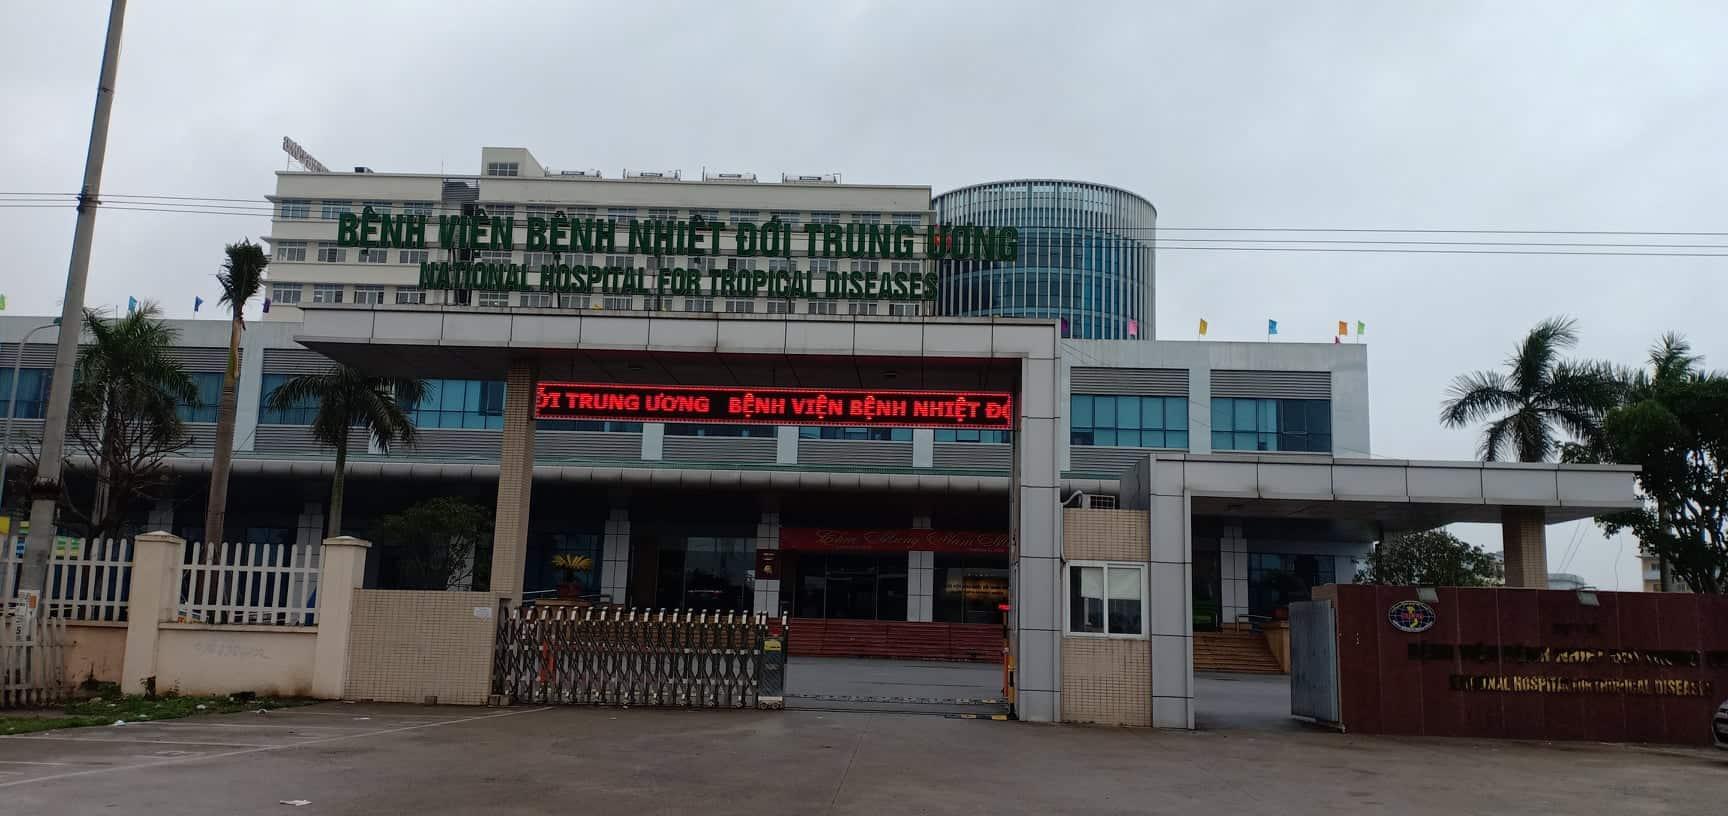 Lộ trình di chuyển dày đặc của bệnh nhân thứ 148 nhiễm Covid-19 tại Việt Nam - 1